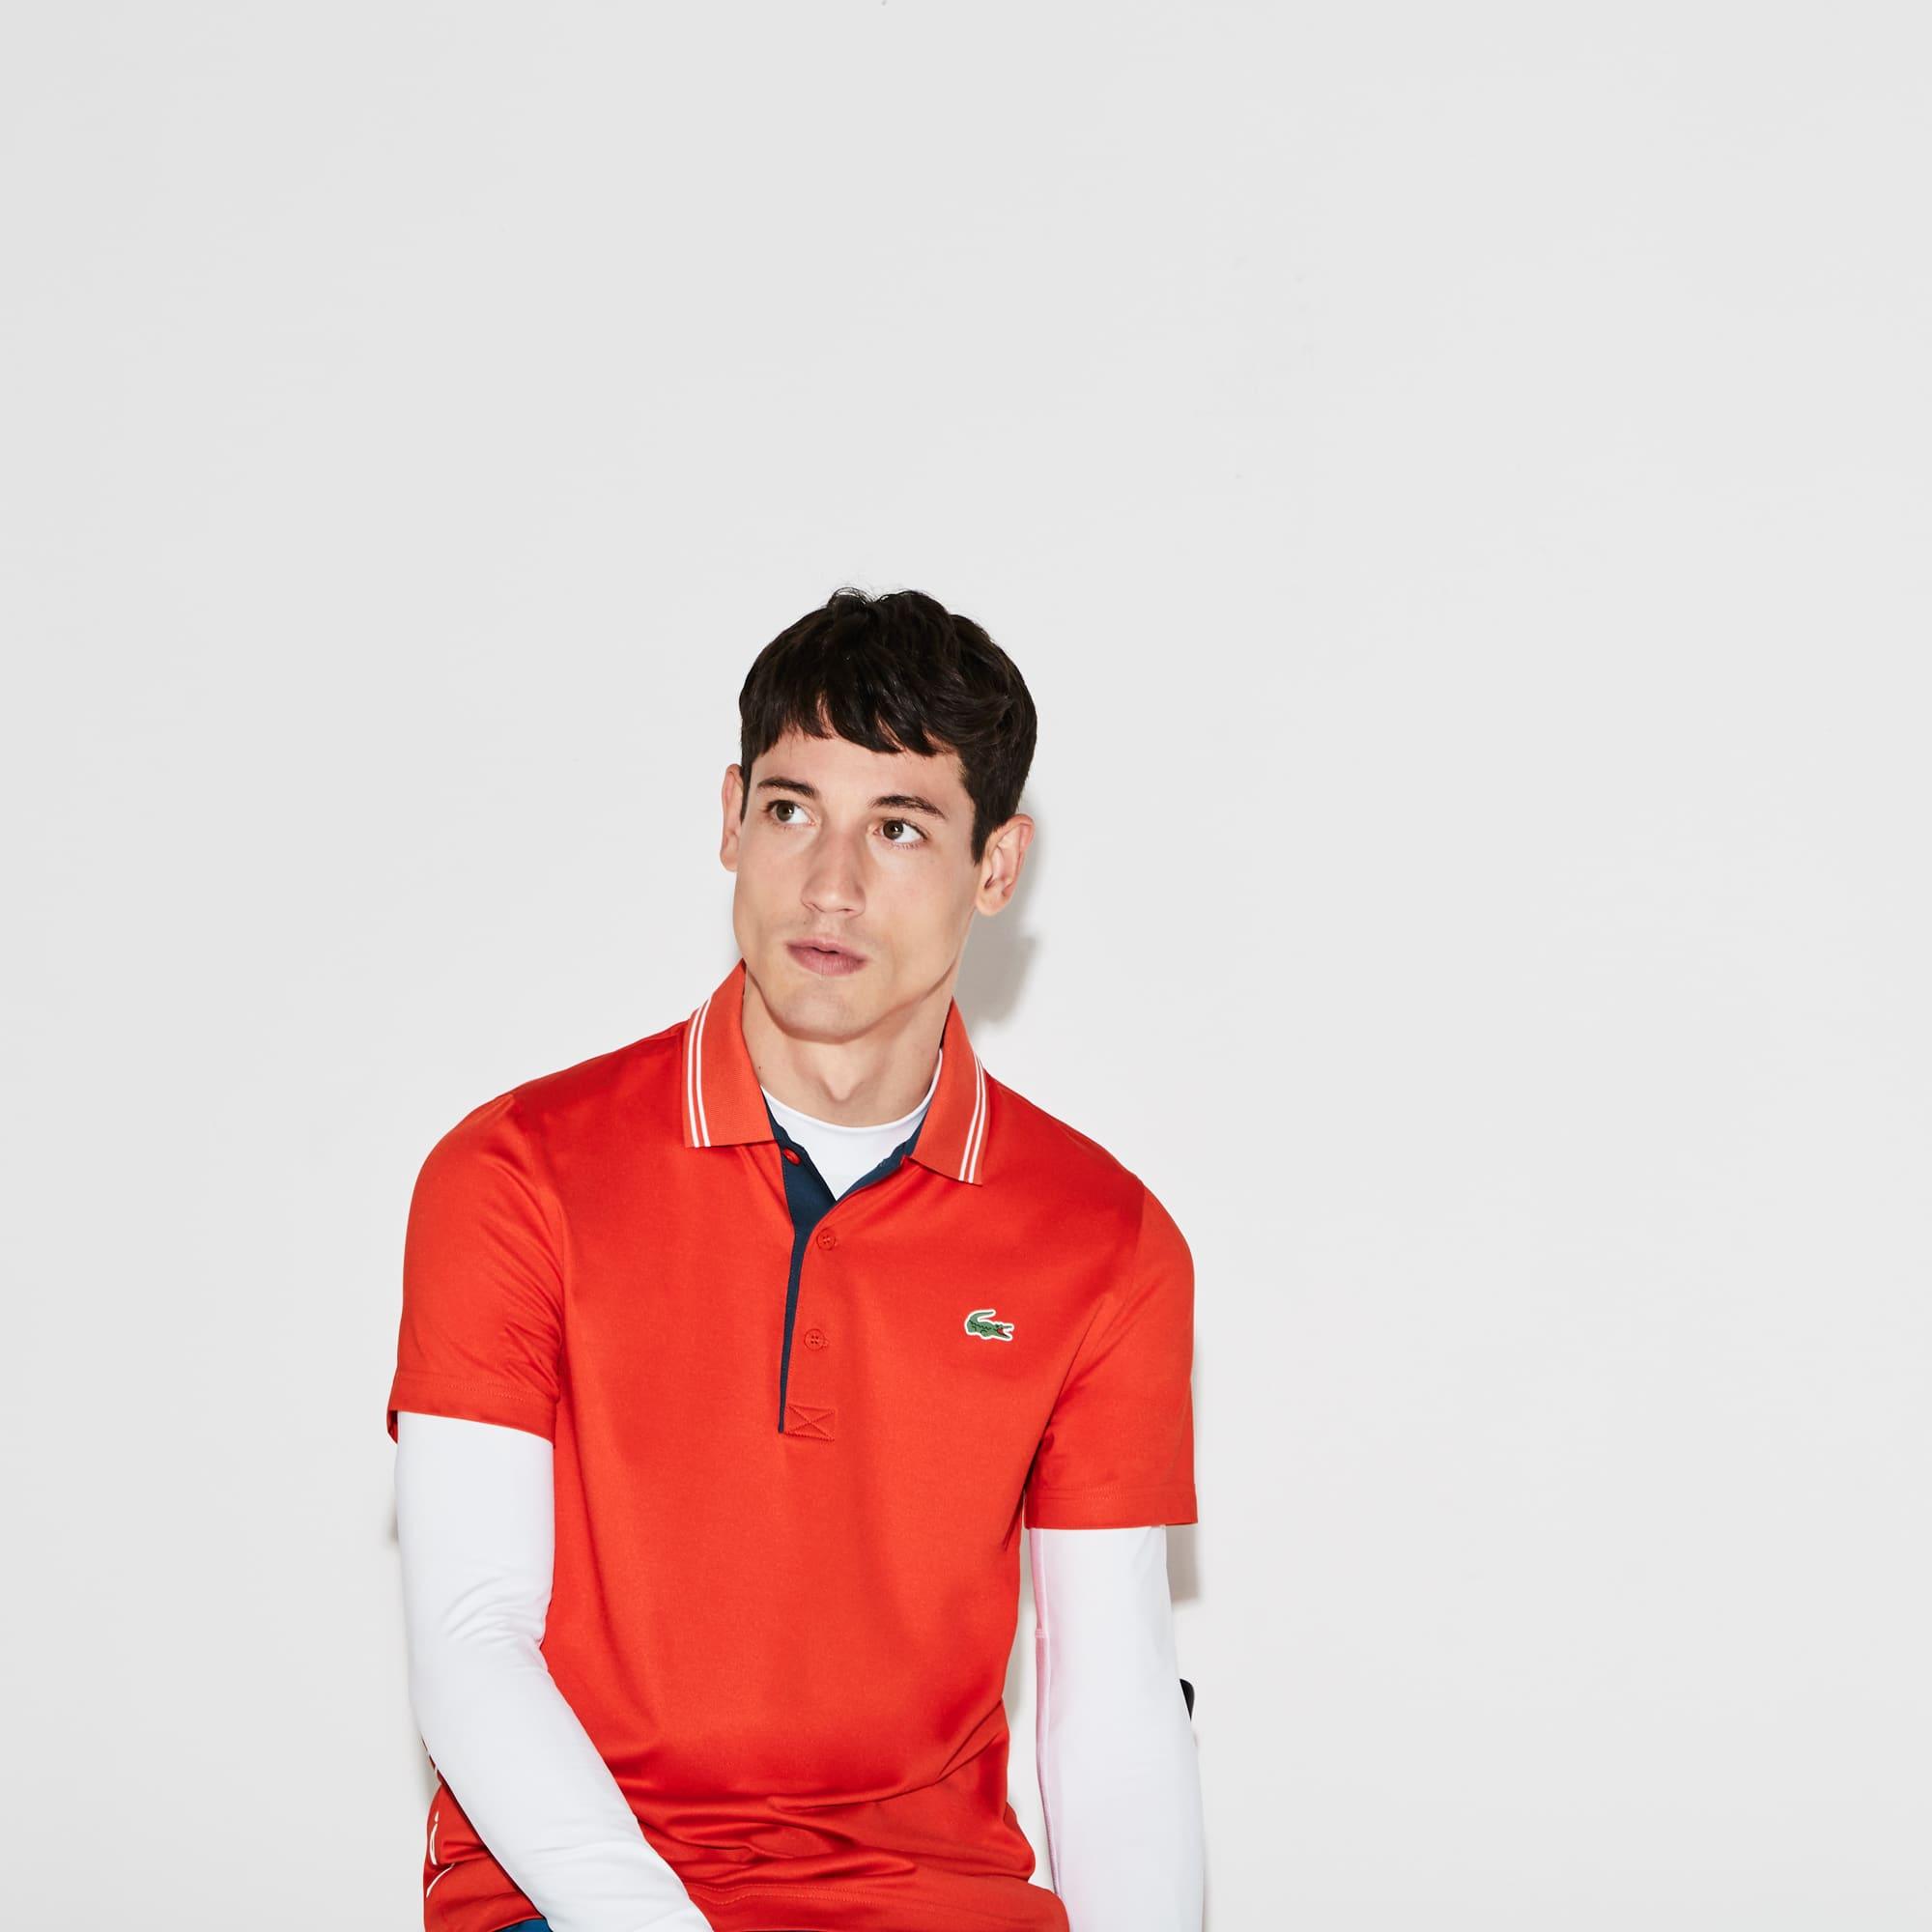 Lacoste - Herren LACOSTE SPORT Stretch Golf-Poloshirt mit Schriftzug - 1